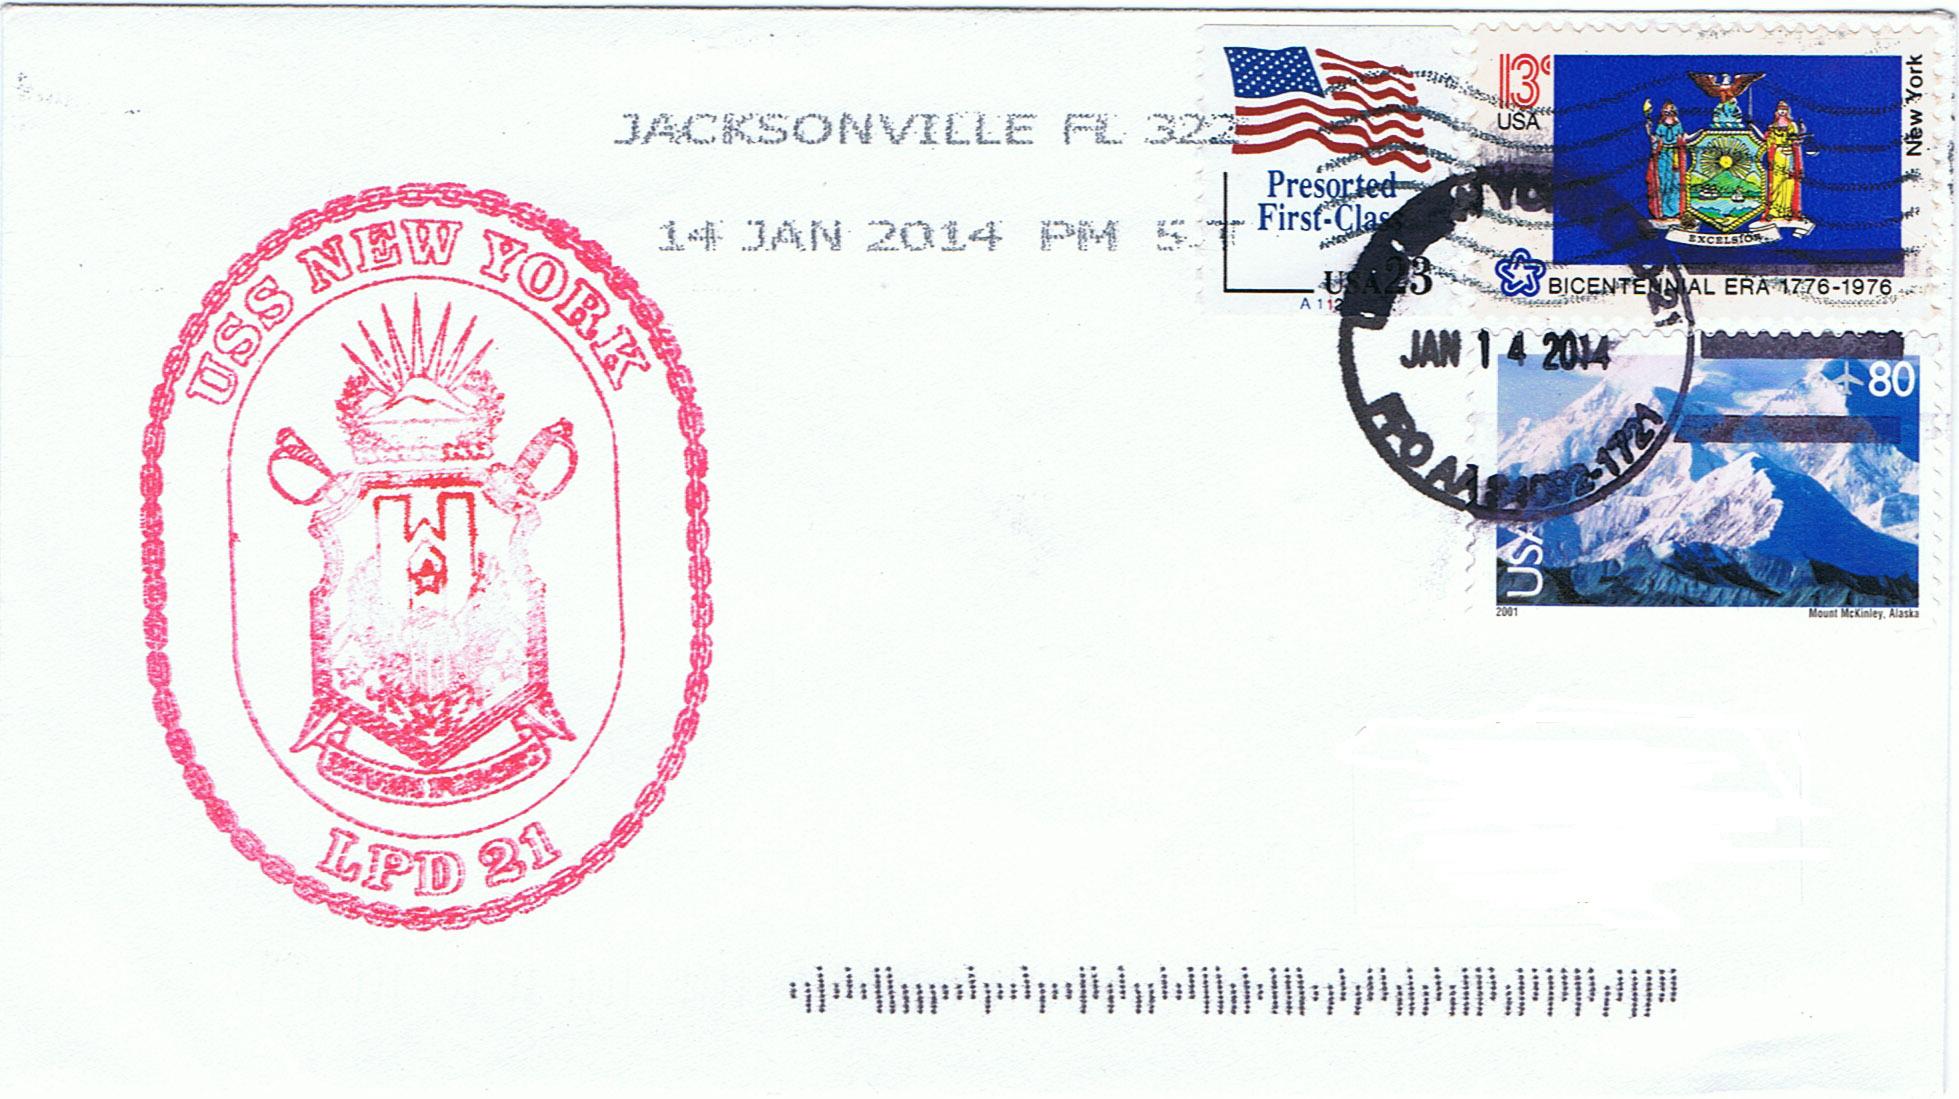 Beleg USS NEW YORK LPD-21 vom 14.01.2014 von Dirk Rüstau